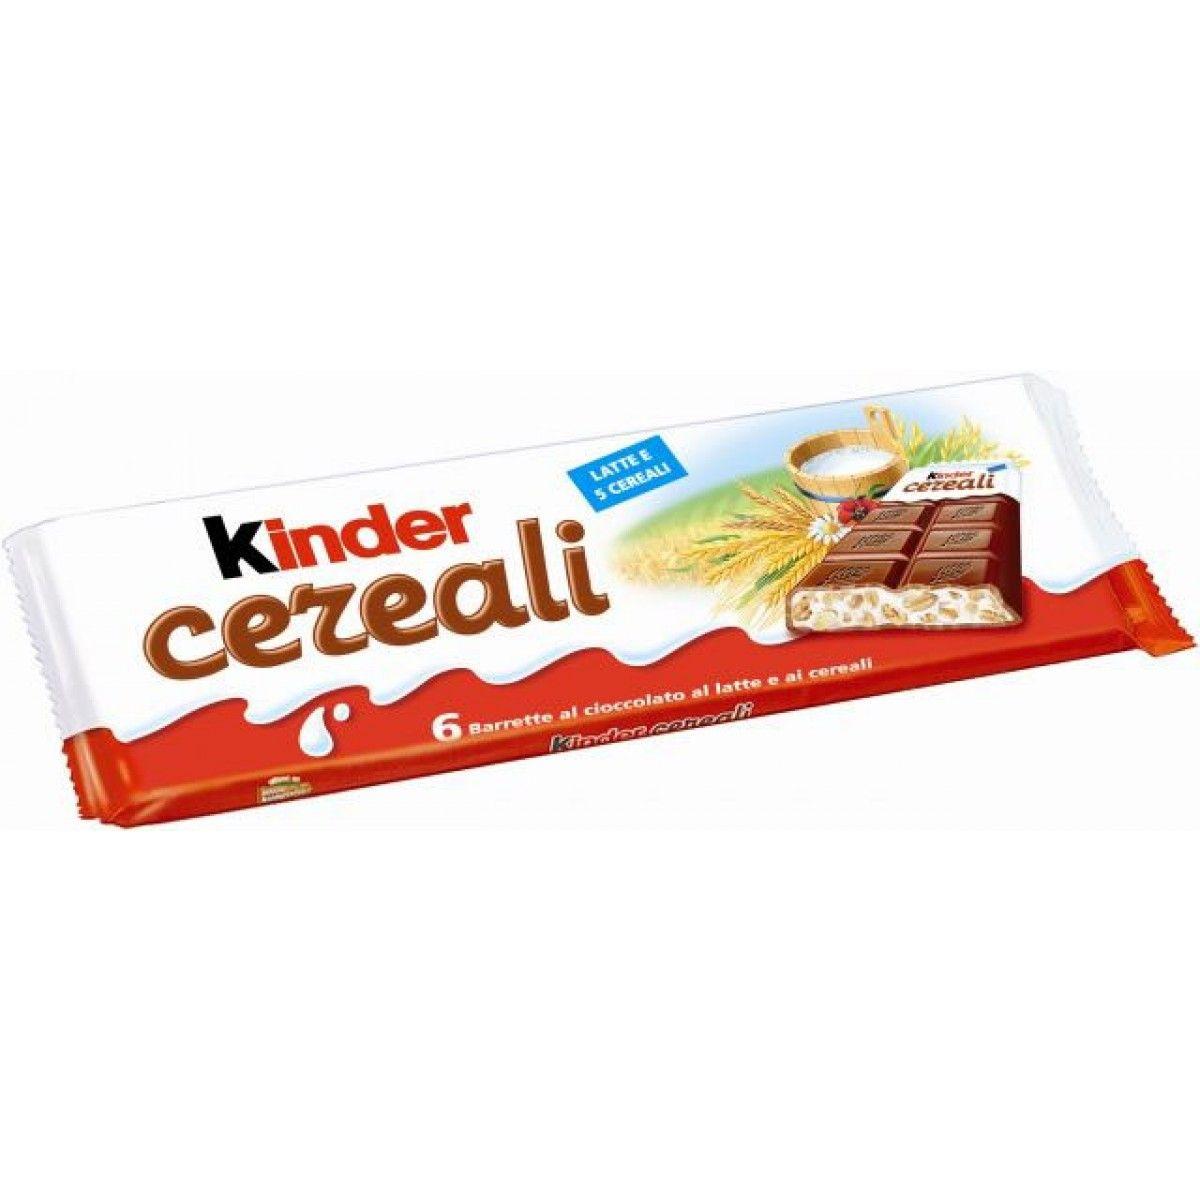 kinder-cereali1